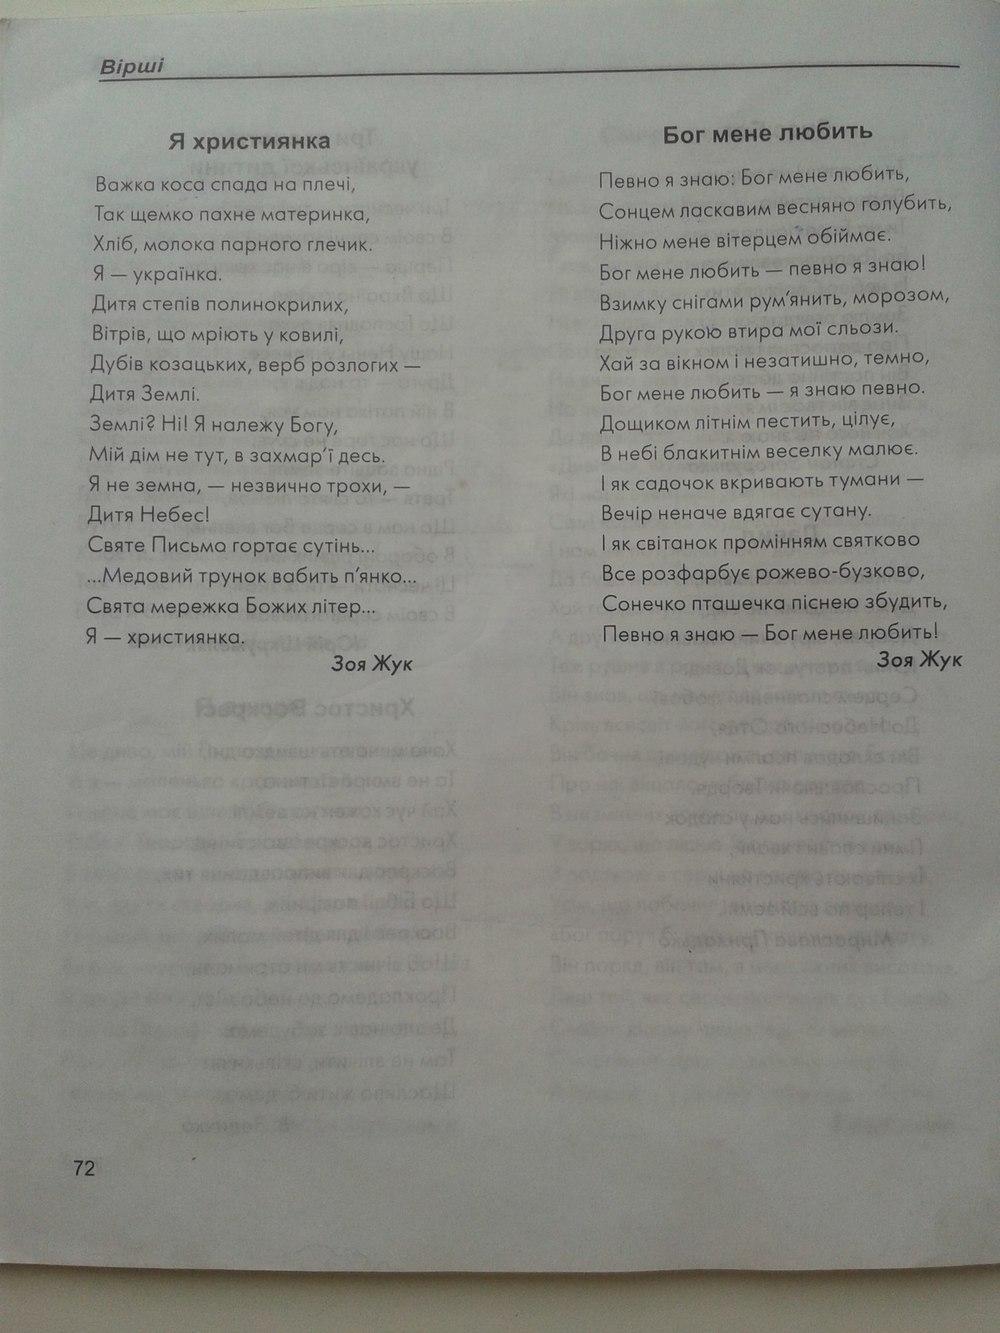 ГДЗ відповіді робочий зошит по этике 6 класс Г.О. Кізілова. Задание: стр. 72